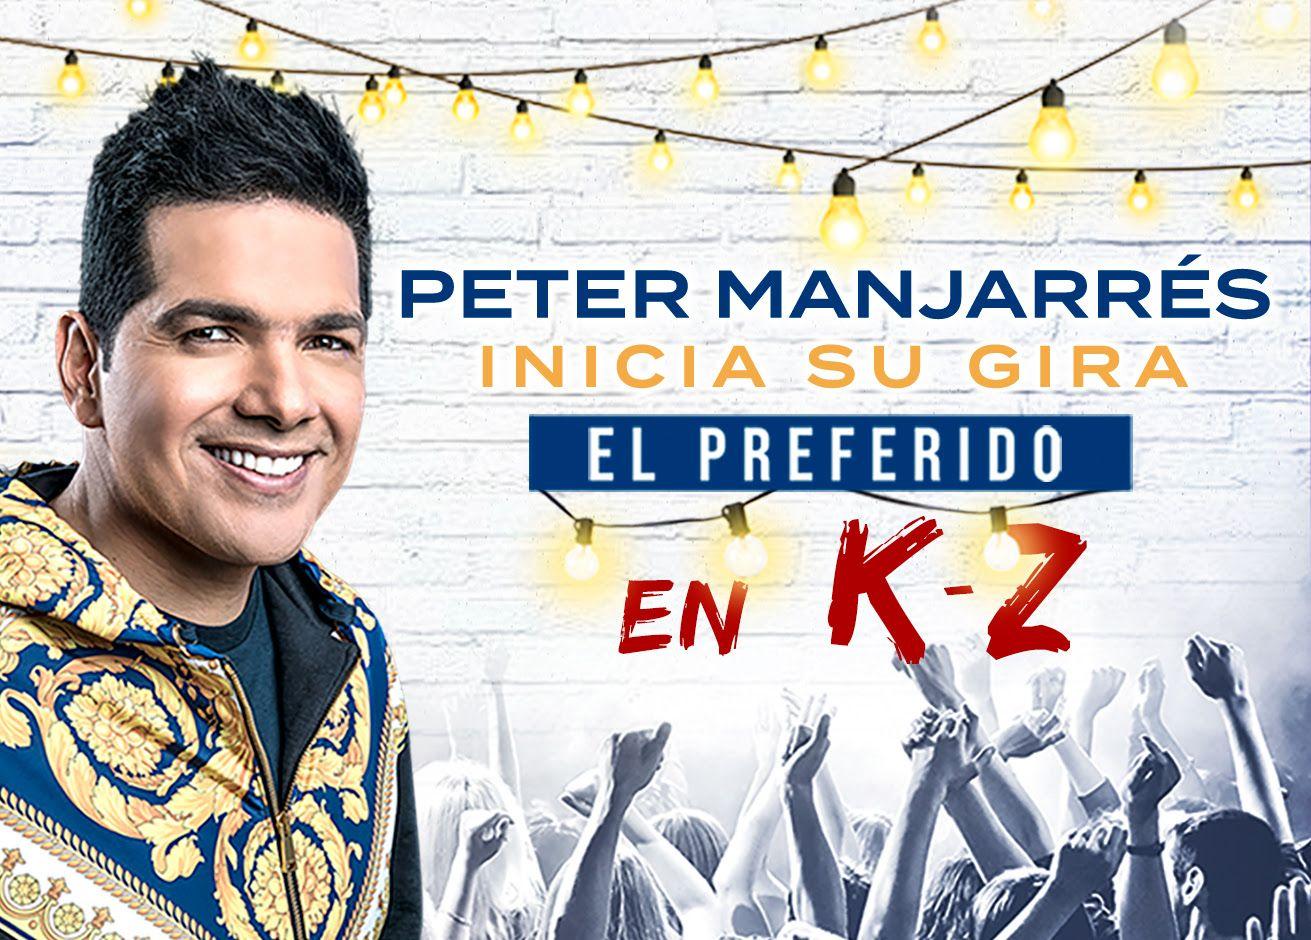 Peter Manjarrés El preferido en KZ